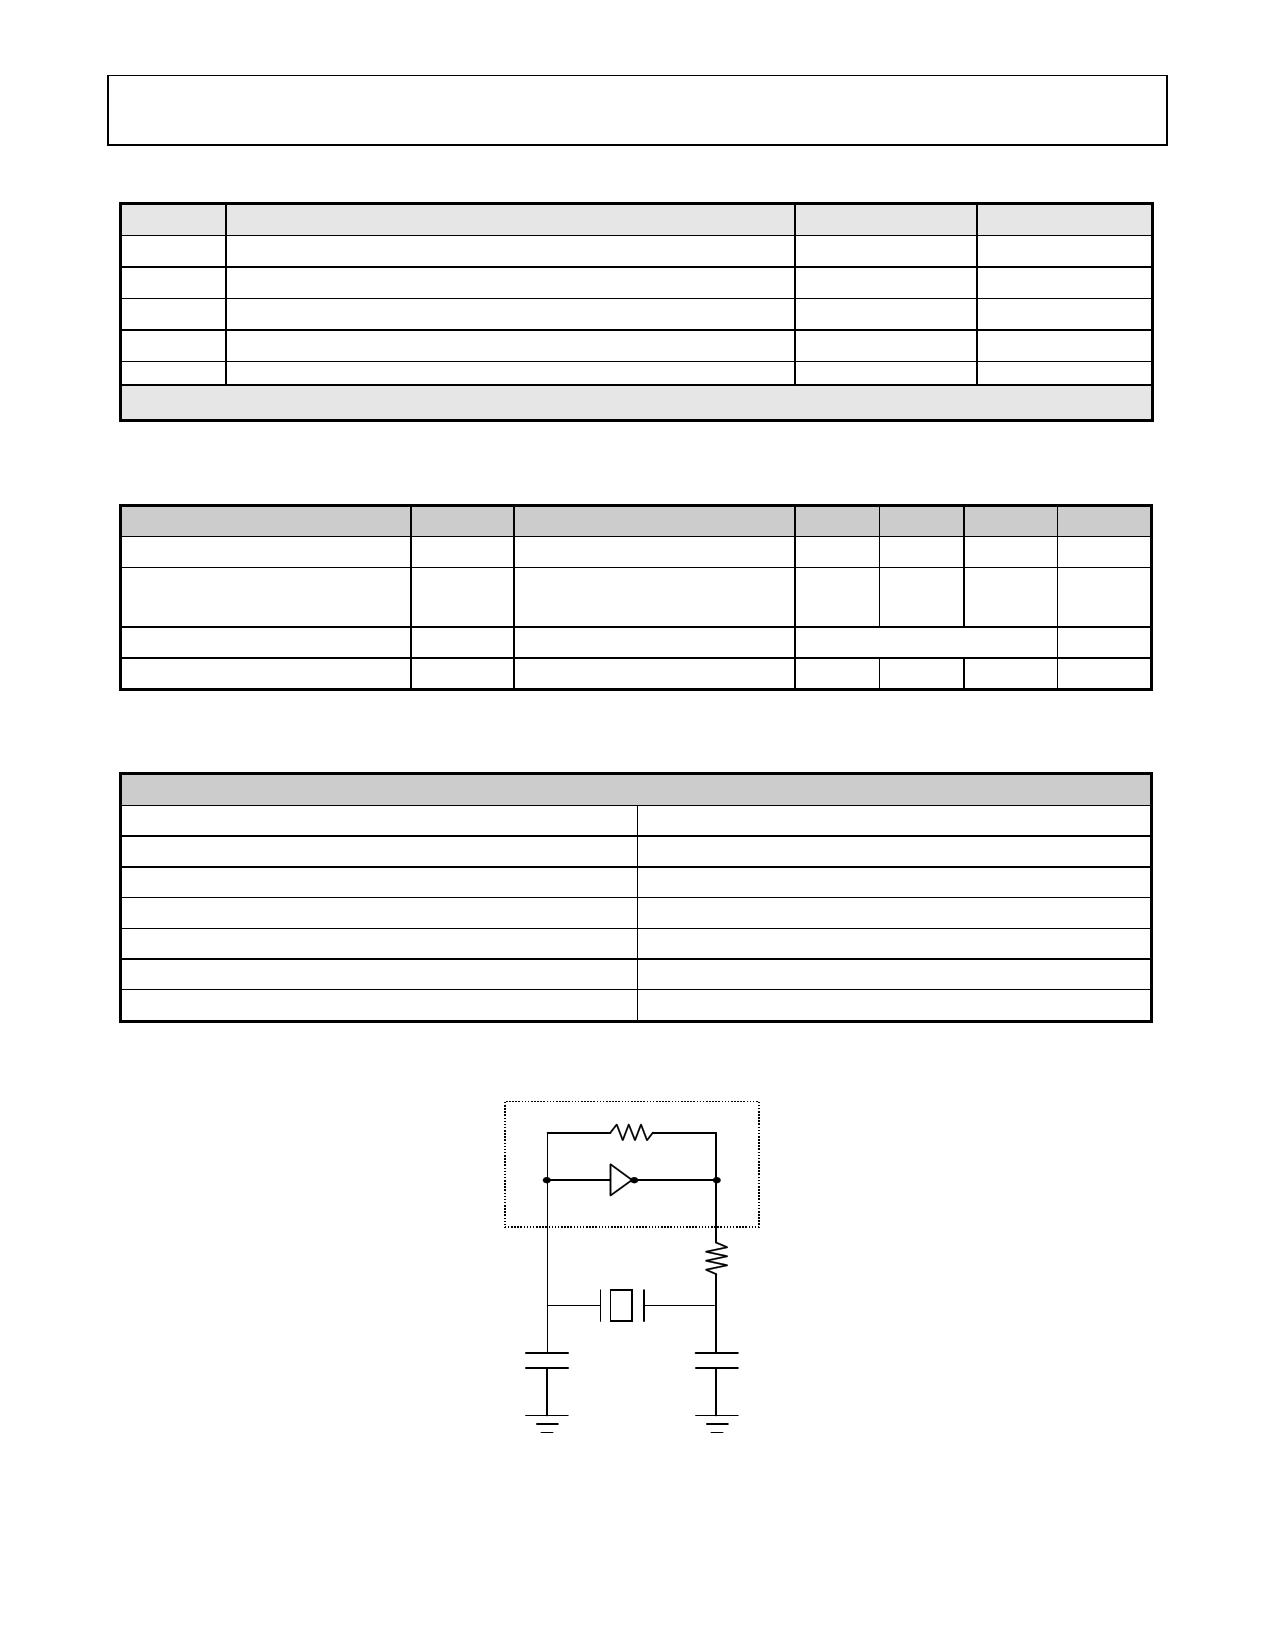 ASM3P2853A pdf, ピン配列